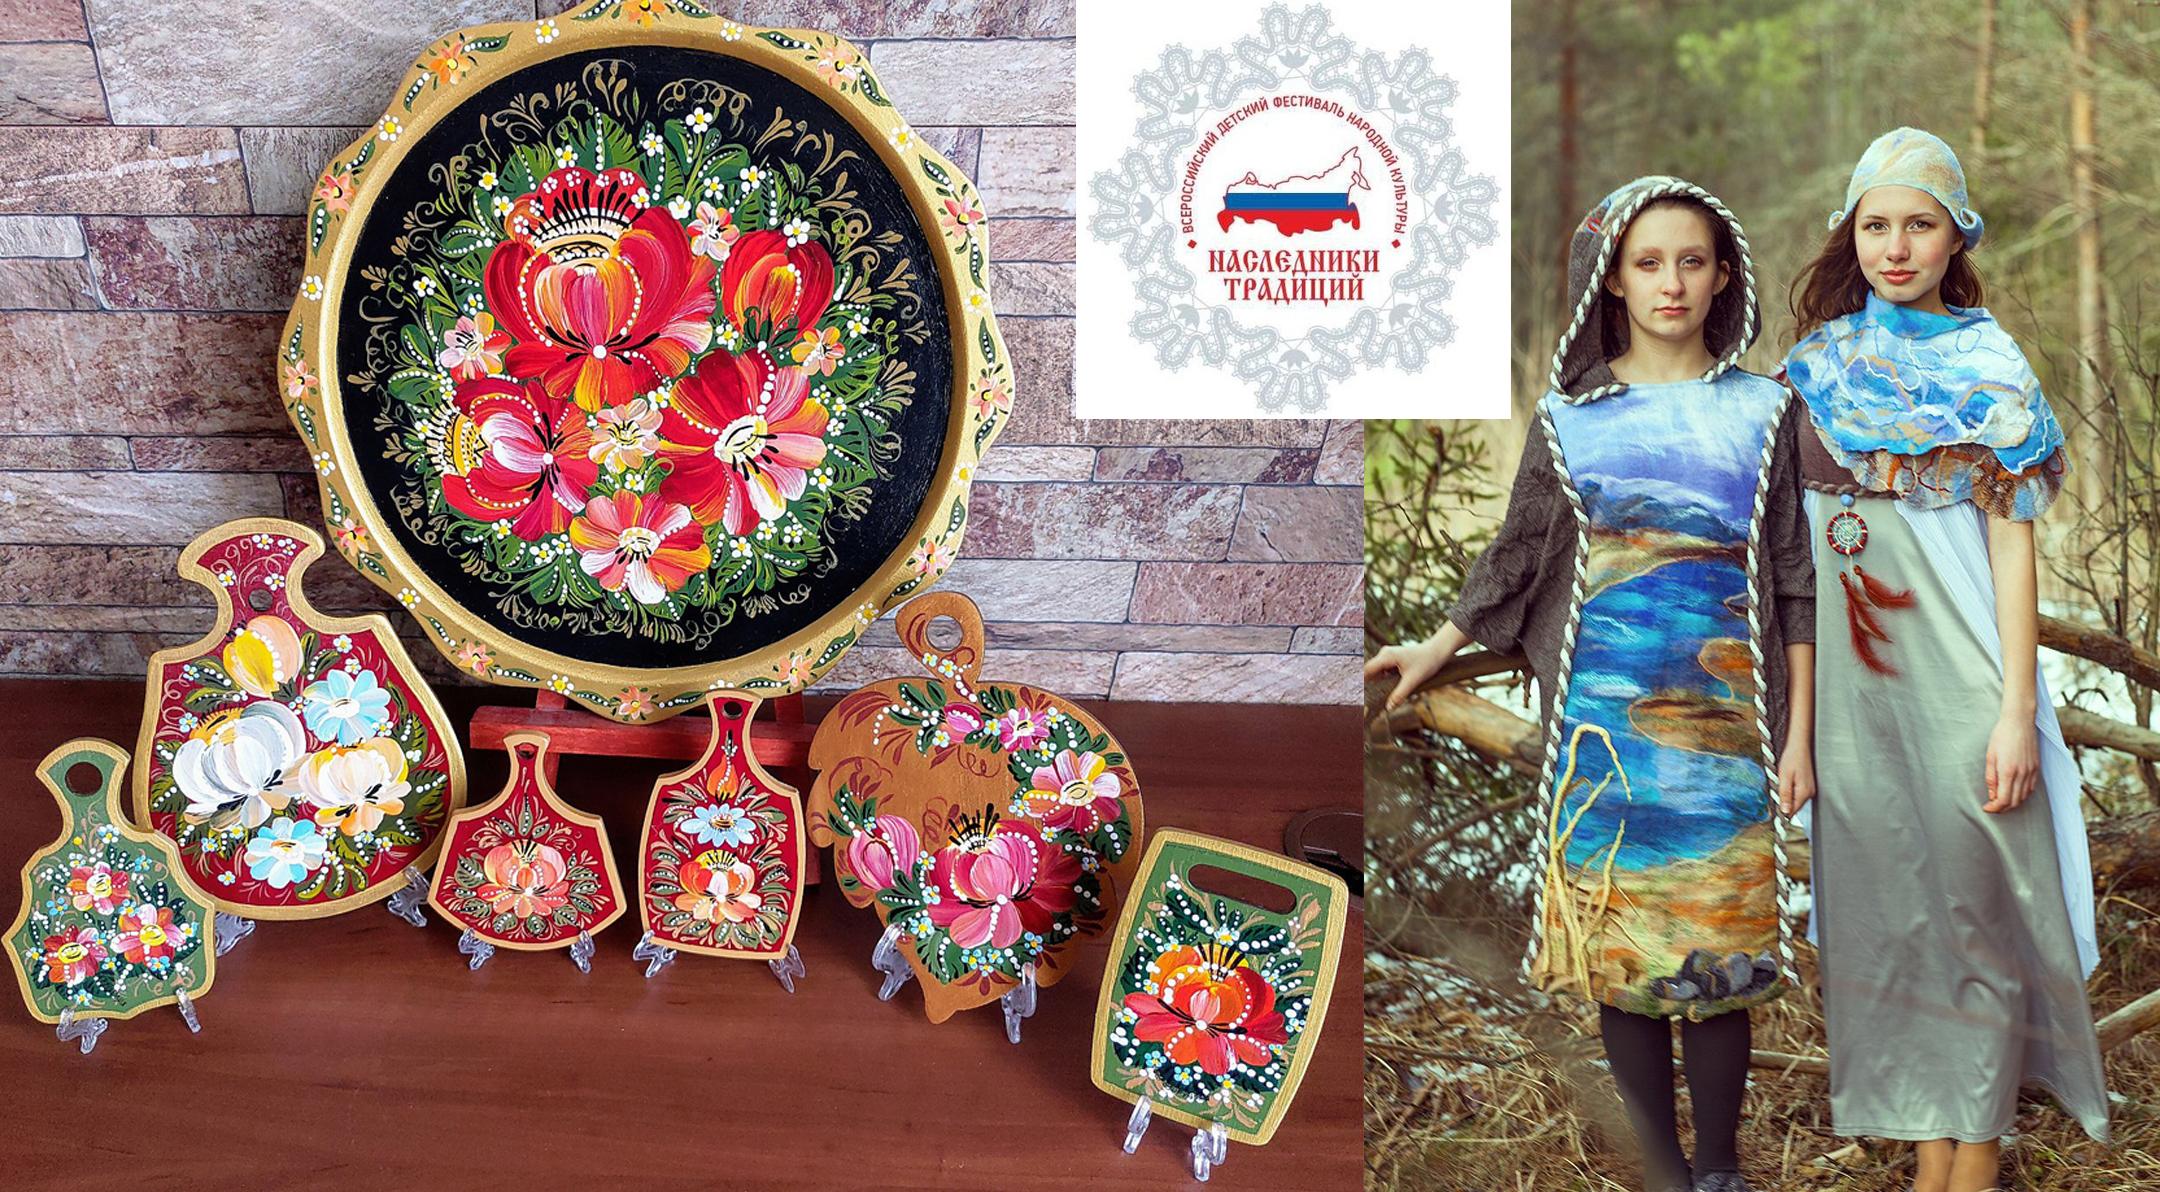 Всероссийский детский фестиваль народной культуры «Наследники традиций»